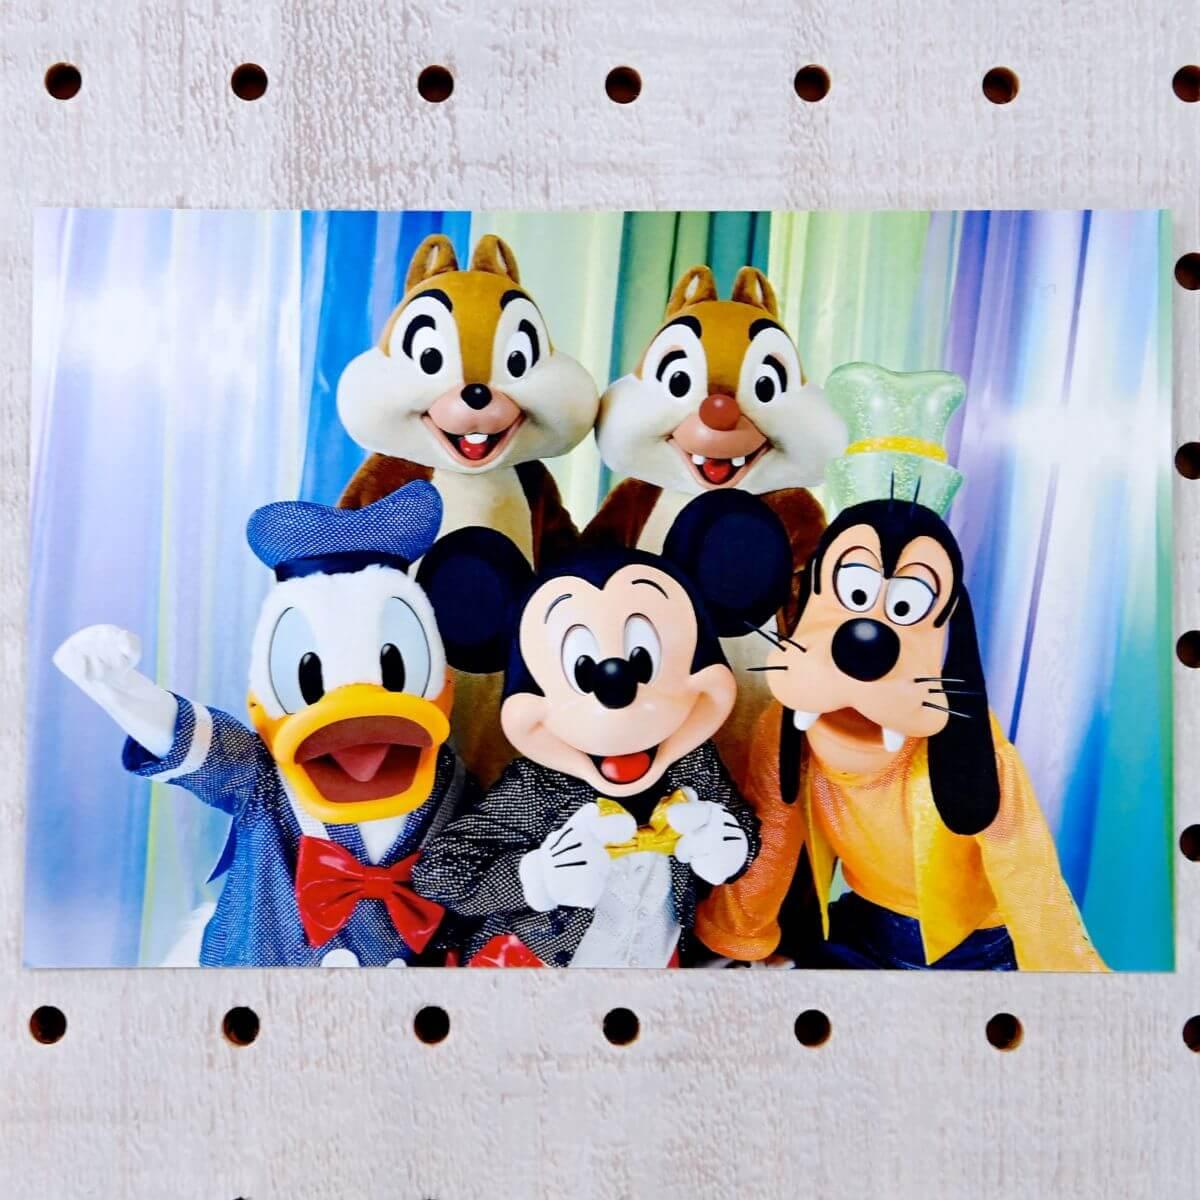 ミッキー&フレンズポストカード